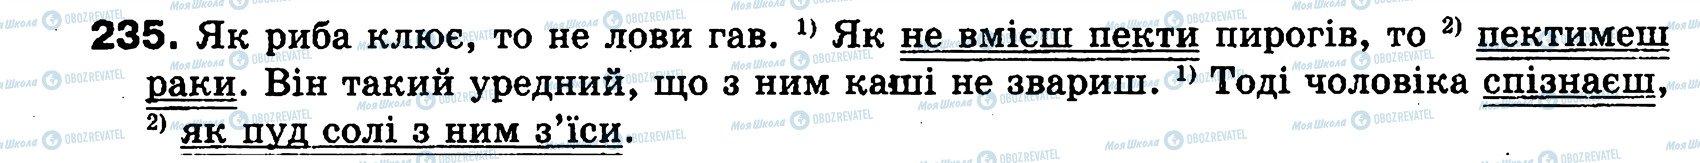 ГДЗ Українська мова 8 клас сторінка 235